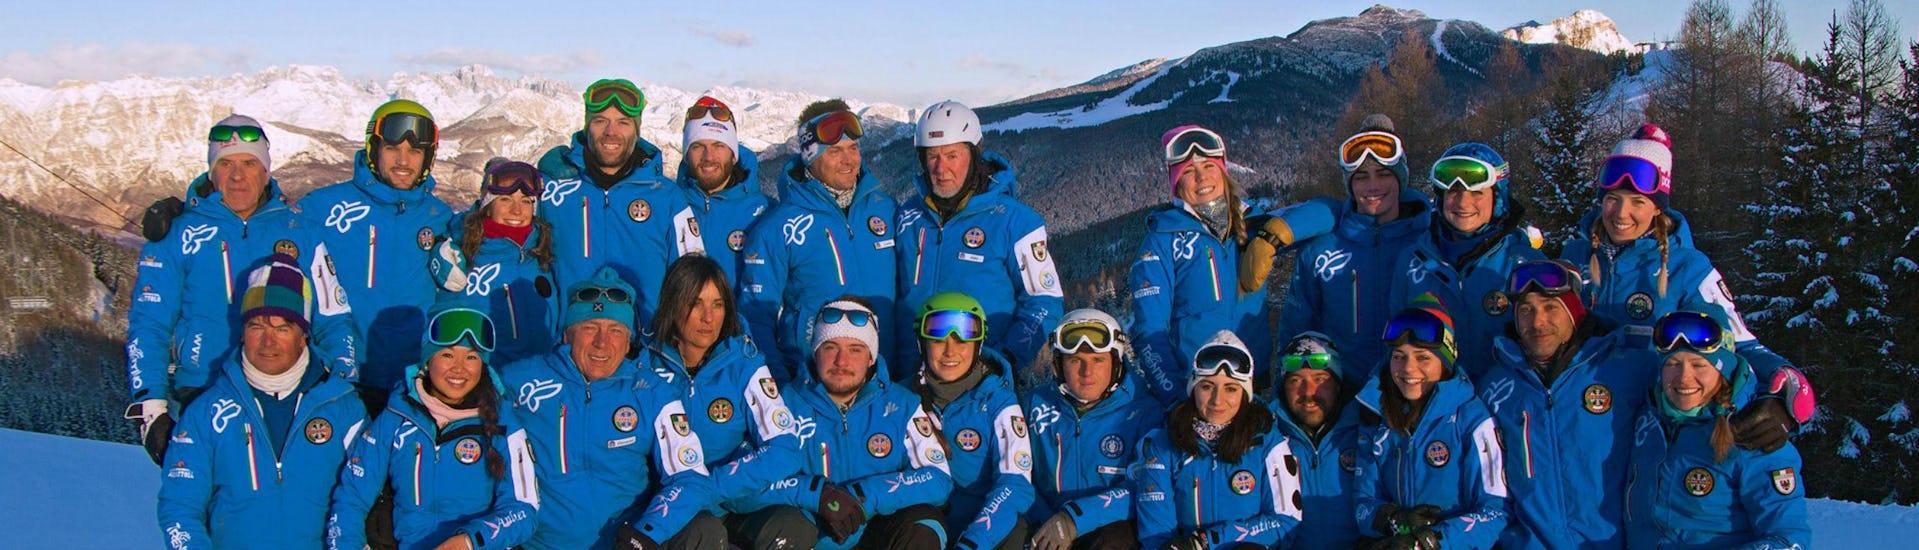 Die Skilehrer der Skischule Scuola di Sci e Snowboard Alpe Cimbra posieren gemeinsam auf einer der Pisten auf der sie Ihre Skikurse im Skigebiet Folgaria durchführen.